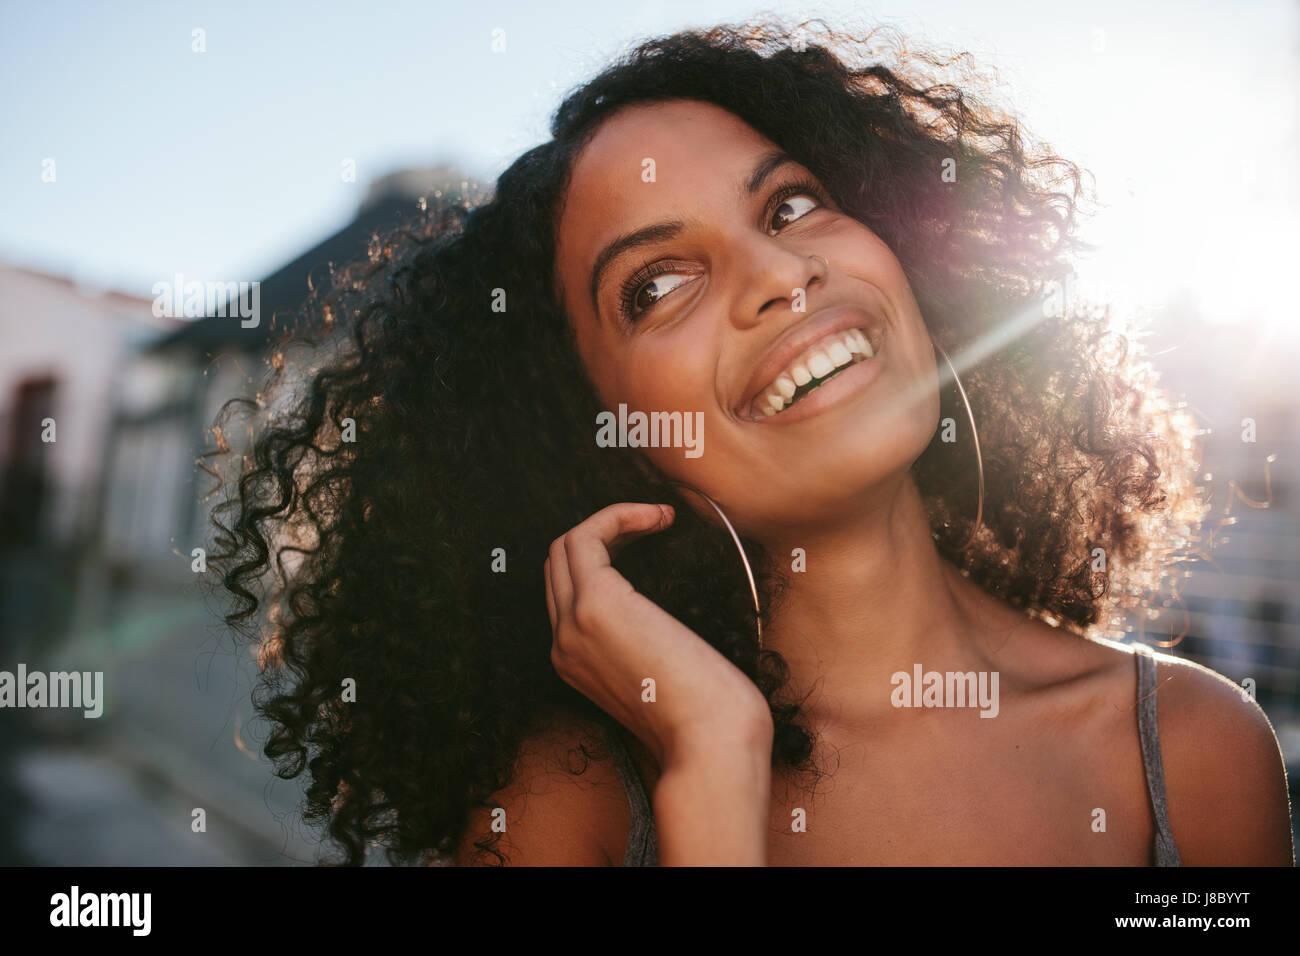 Cerrar retrato del joven africana con el pelo rizado mirando a otro lado. Mujer Afro americana de pie afuera y sonriente. Imagen De Stock